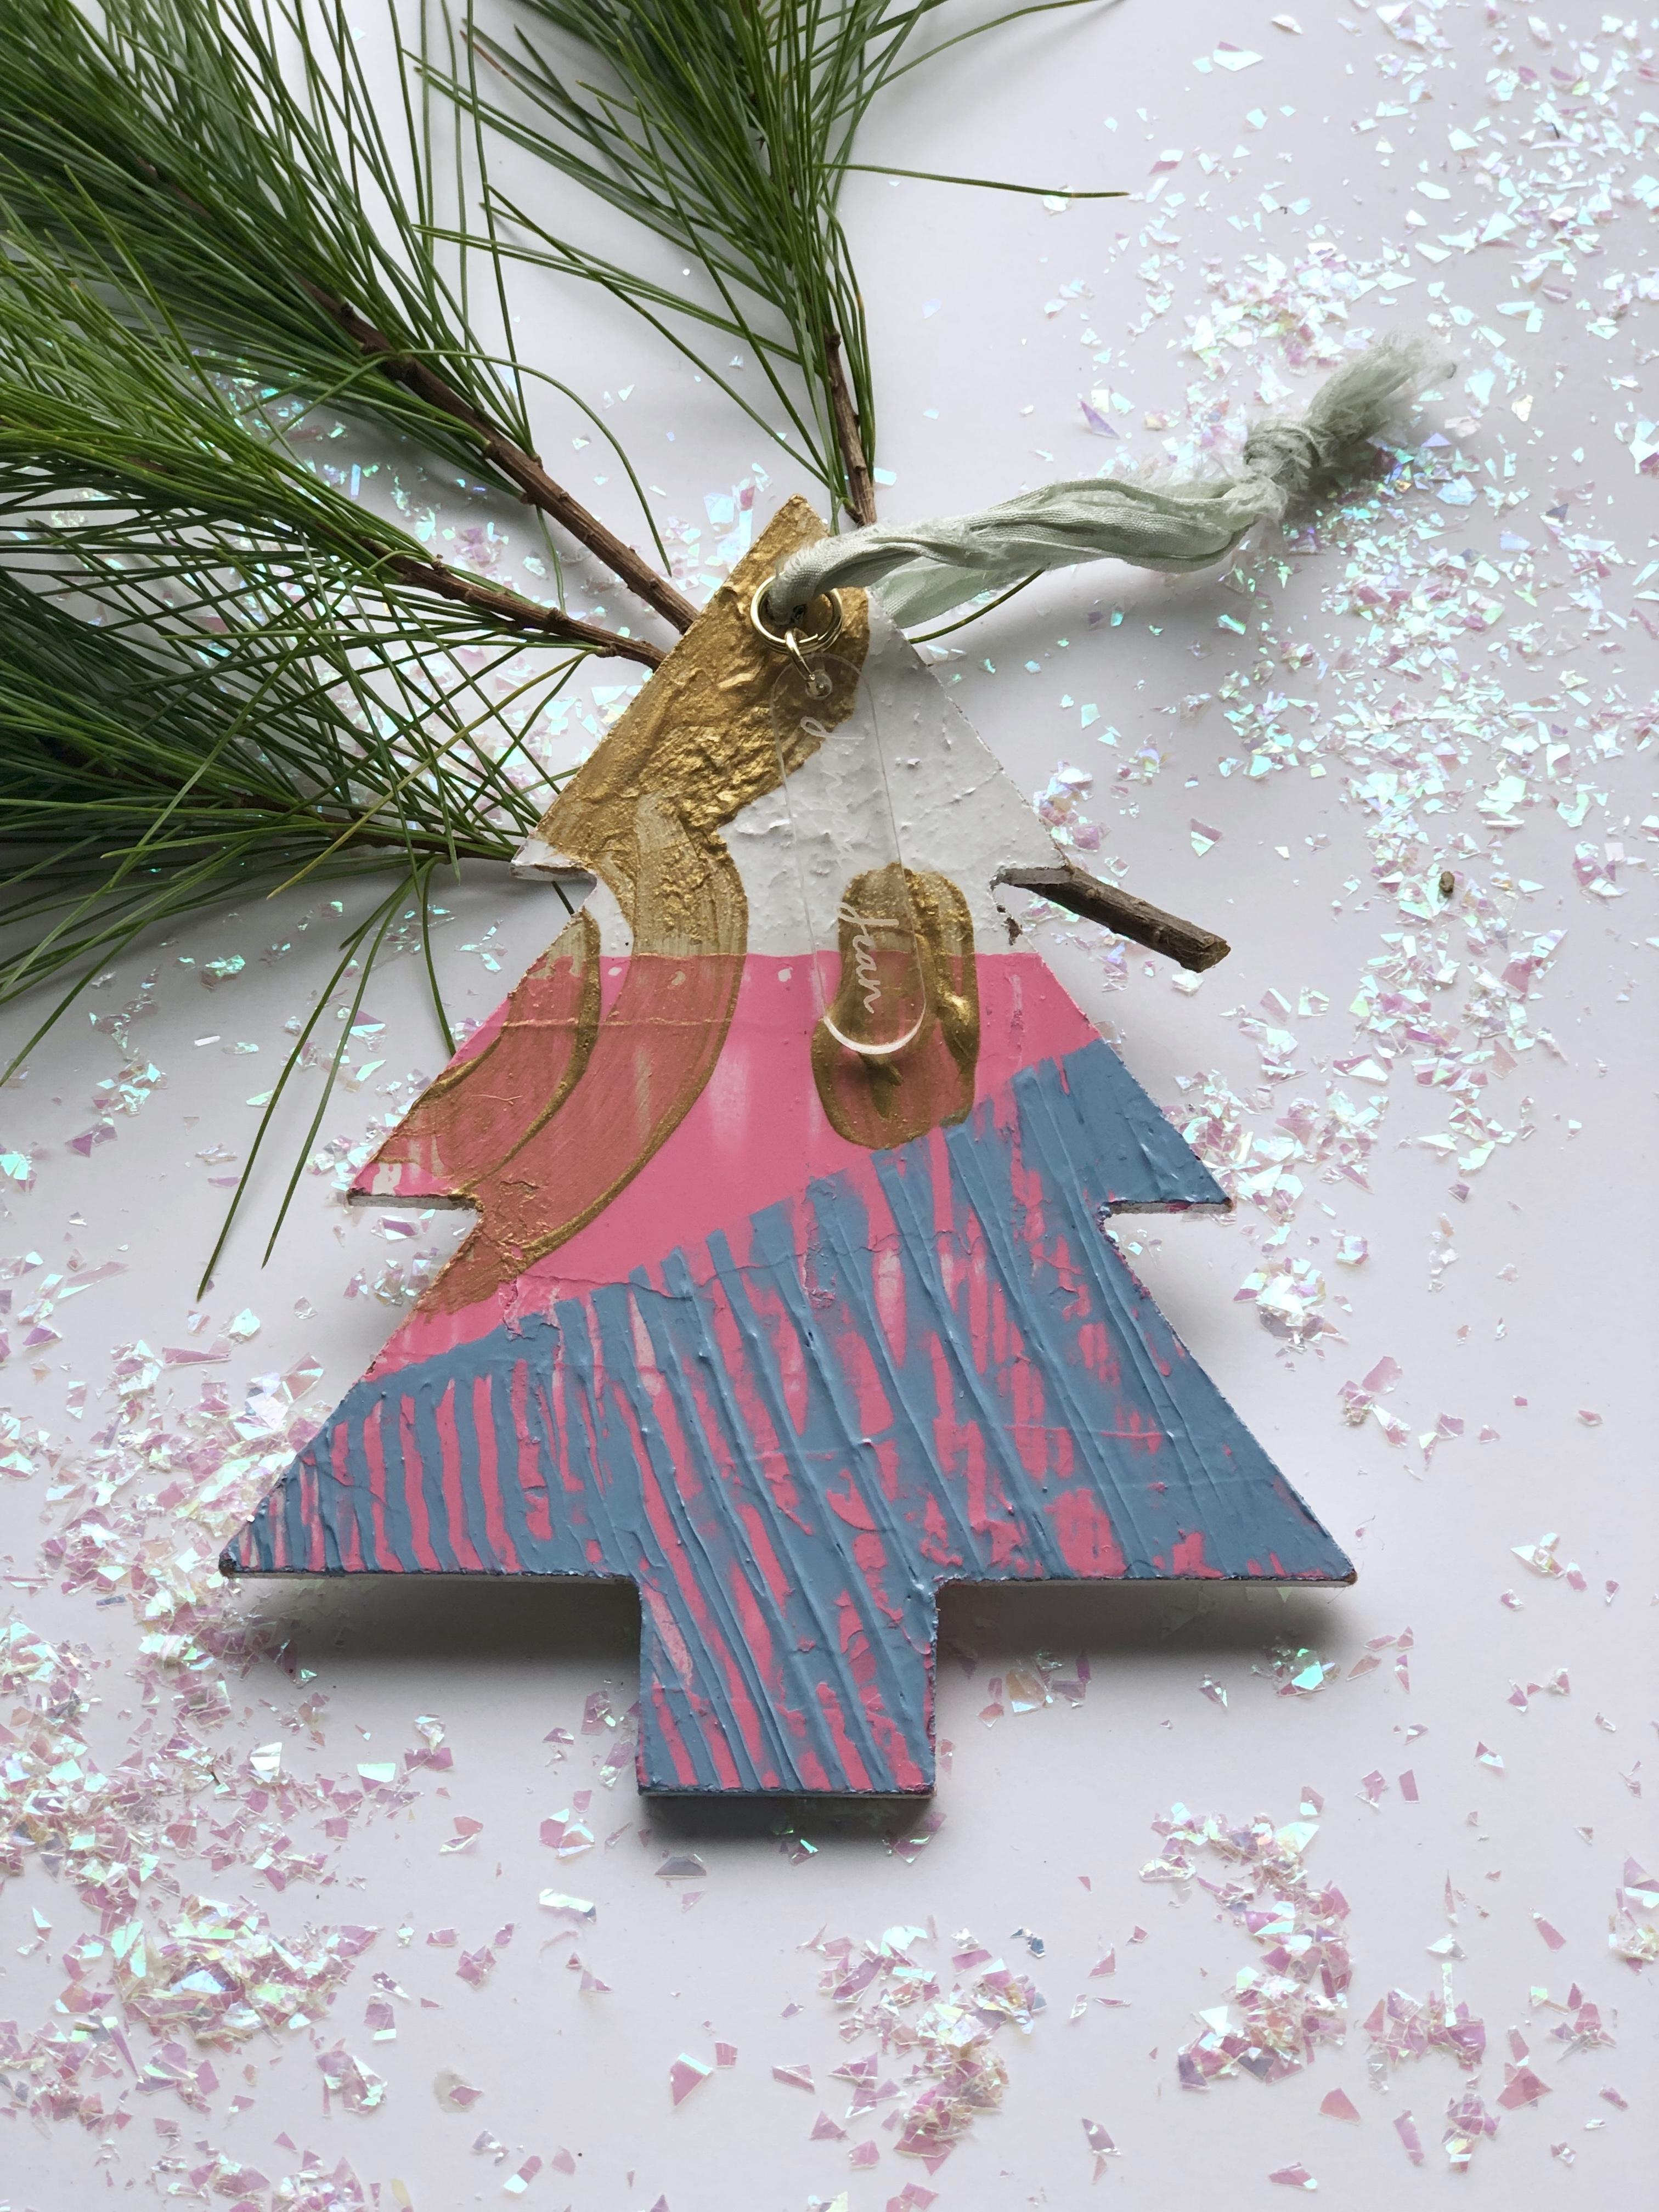 Ornament No. 20 00138